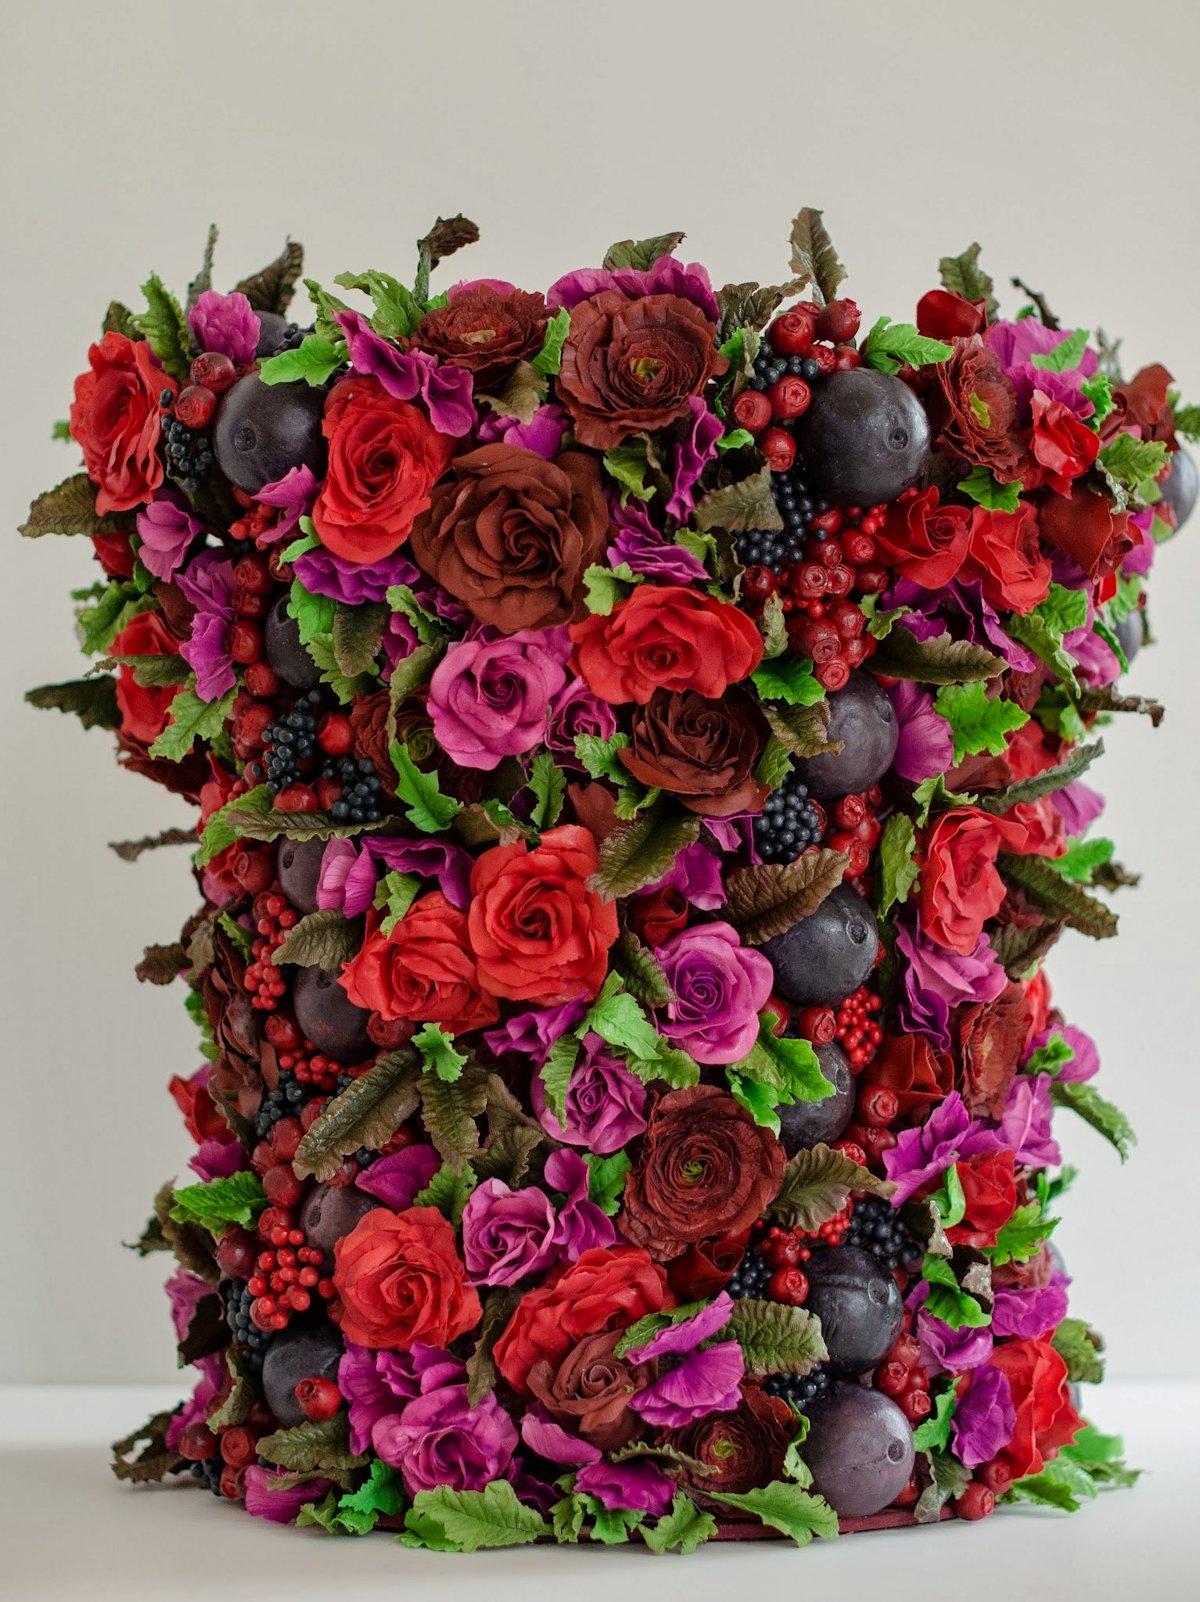 Designer de bolos cria as flores comestíveis mais realistas do mundo 06